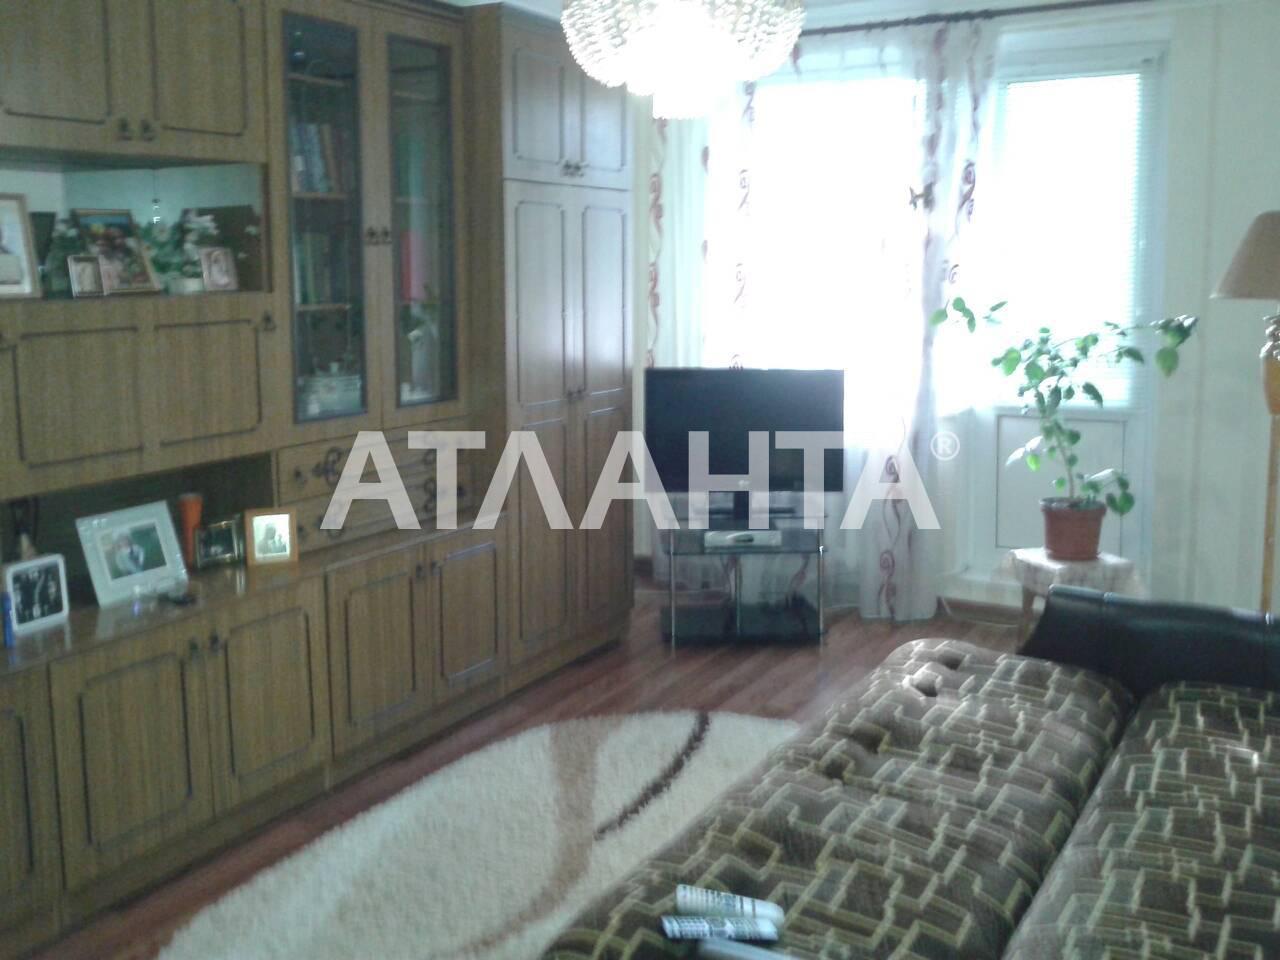 Продается 4-комнатная Квартира на ул. Мичурина — 35 000 у.е. (фото №2)